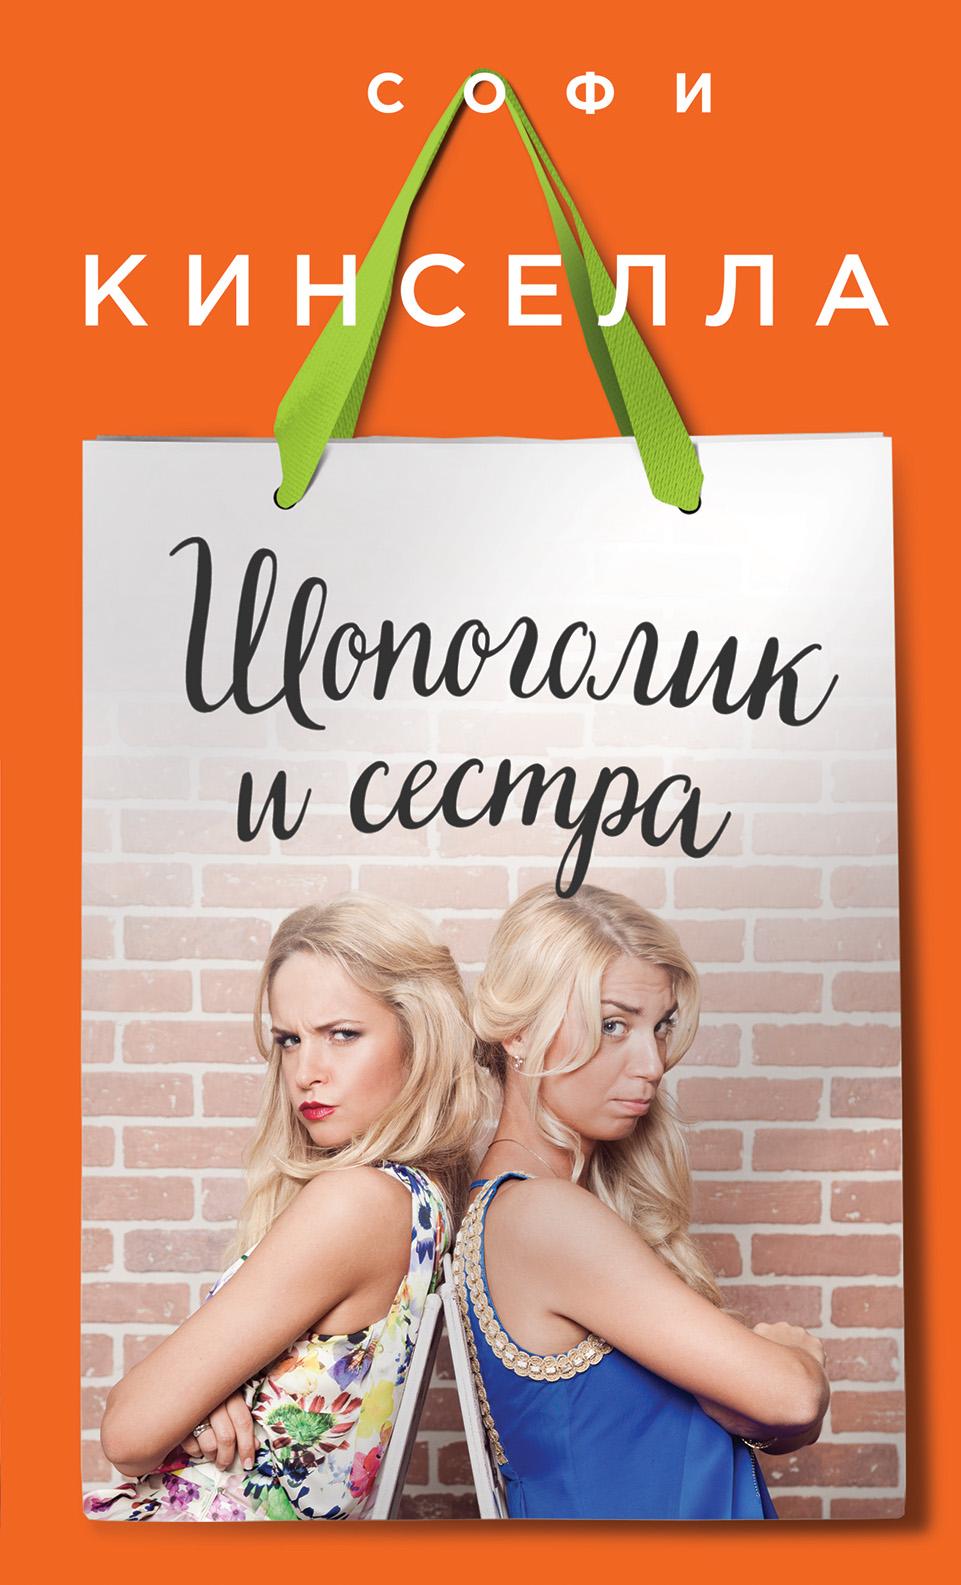 Кинселла Софи Шопоголик и сестра